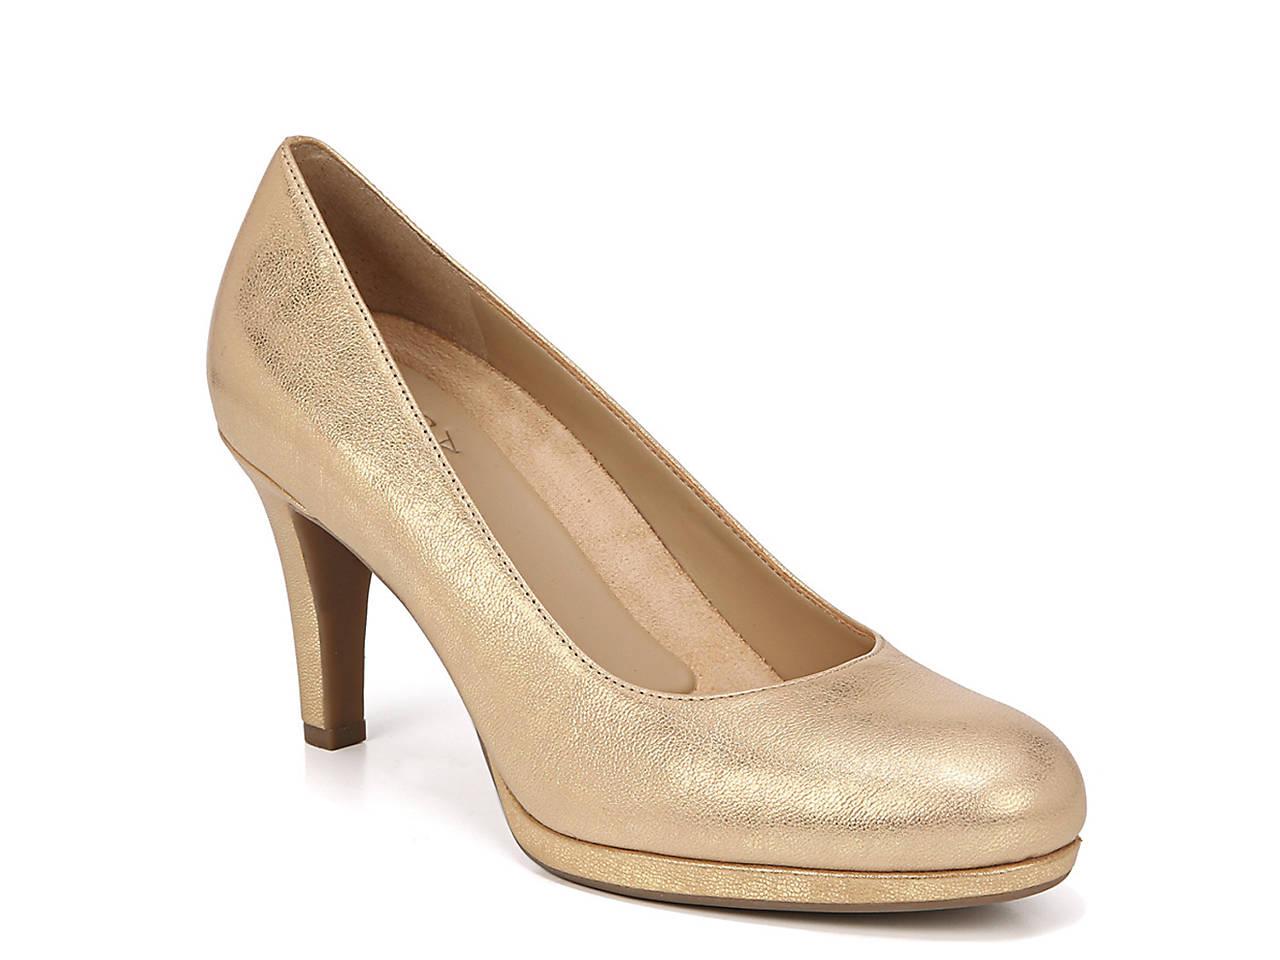 7d46e74cb4dc Naturalizer Michelle Platform Pump Women s Shoes